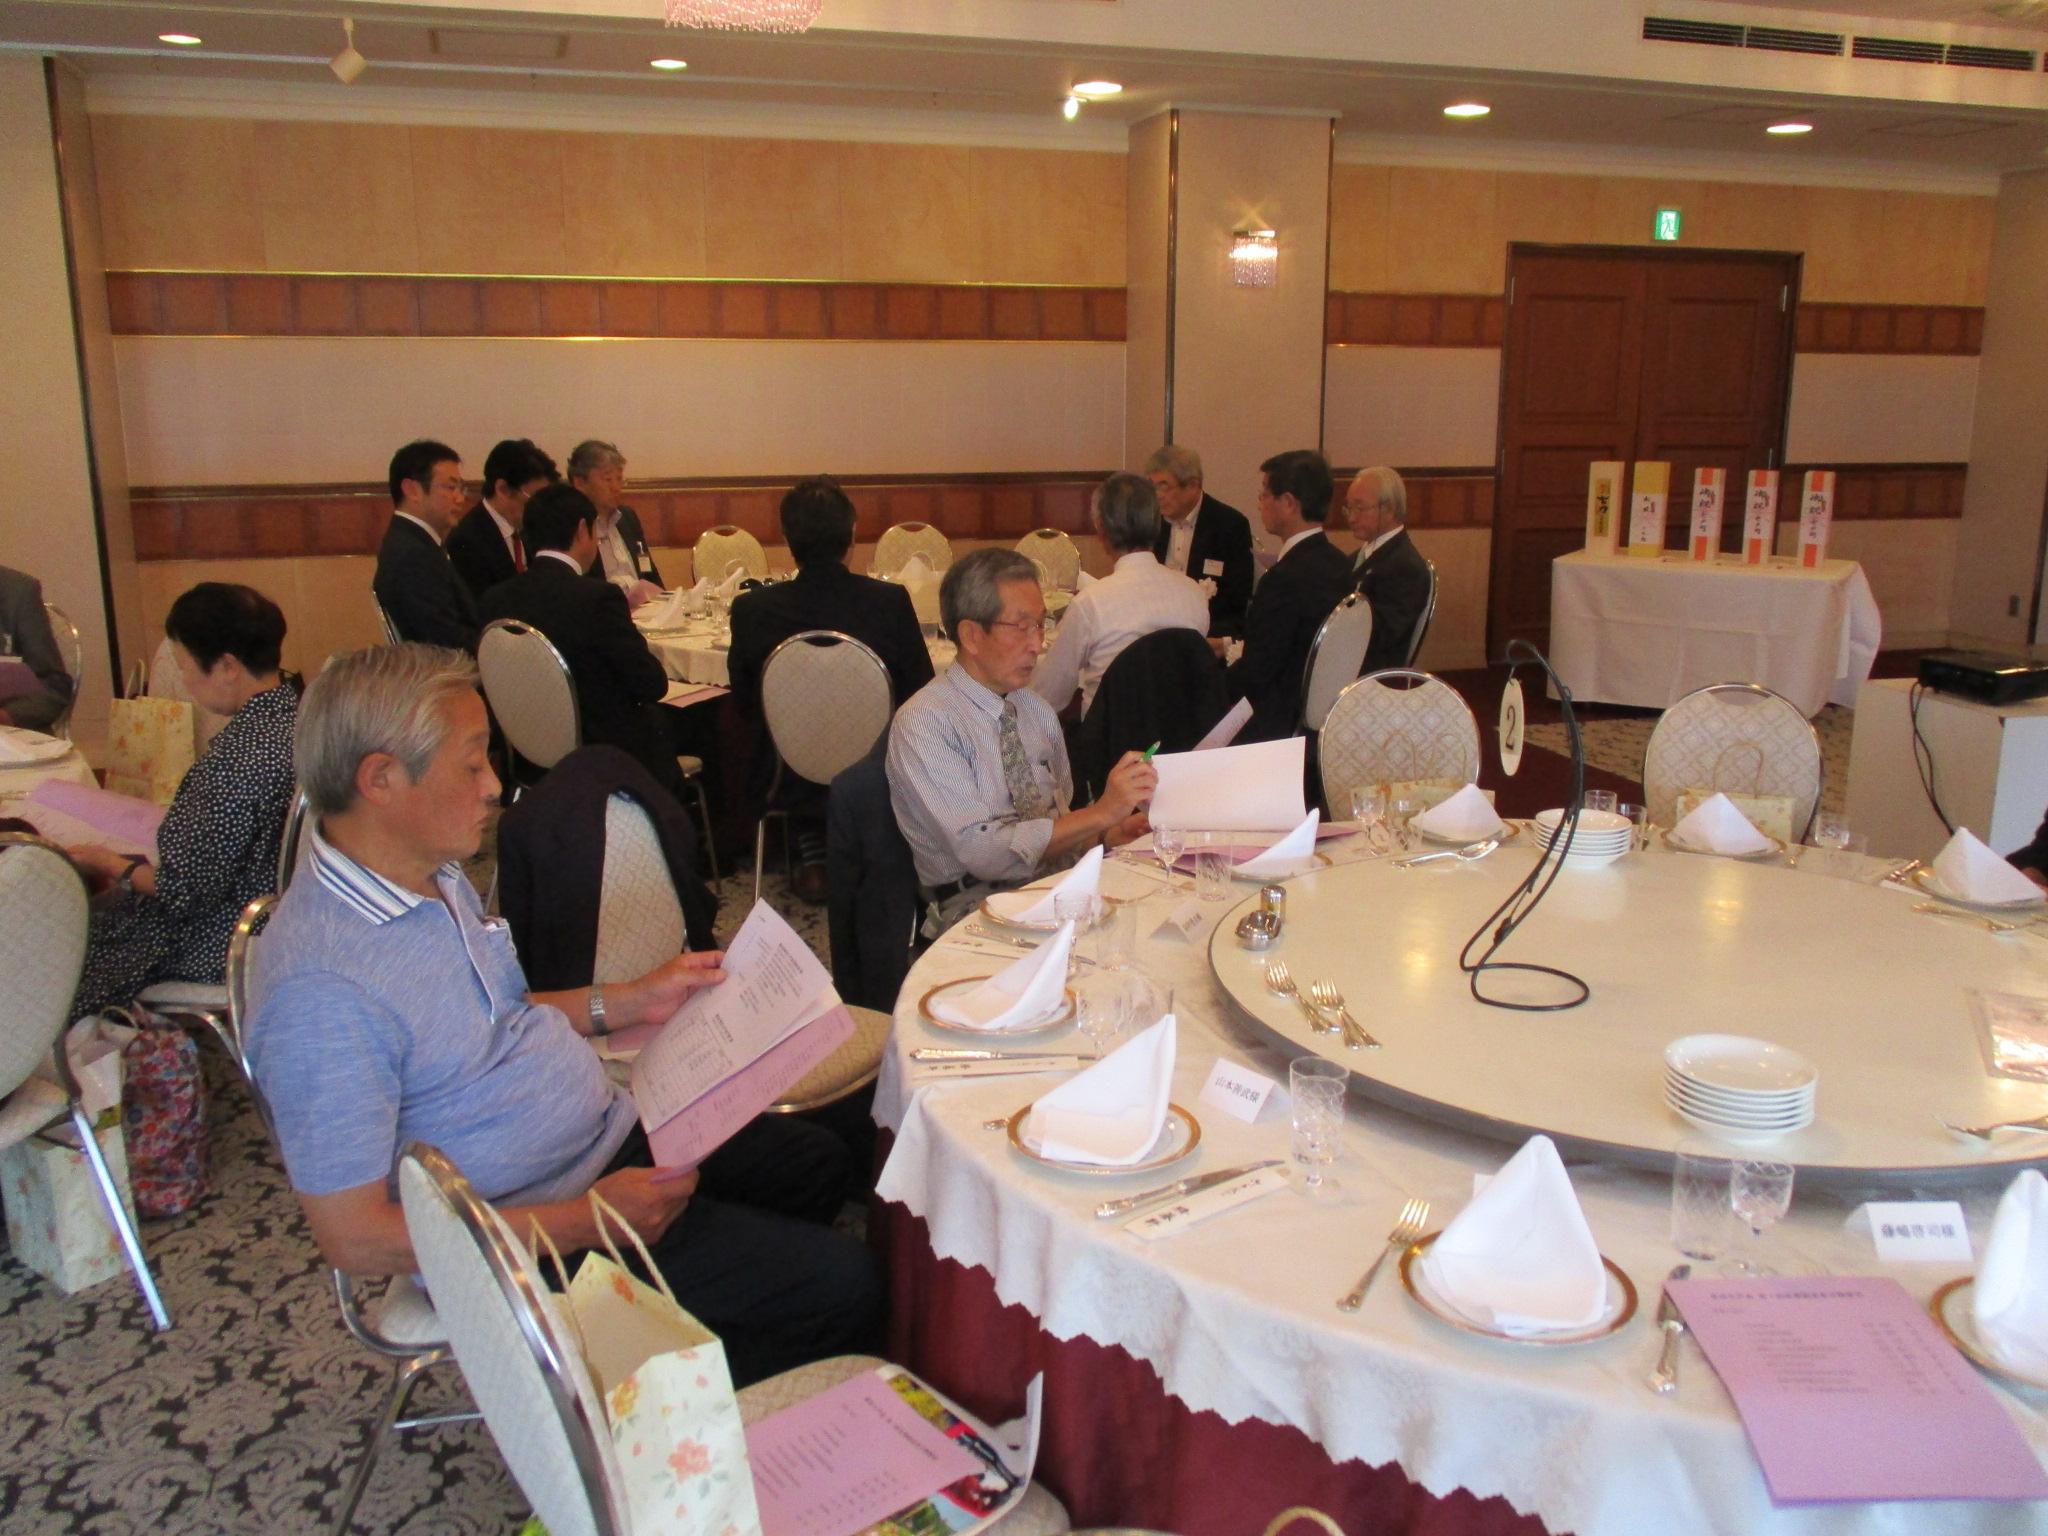 IMG 0623 - 第7回東京七戸会総会開催